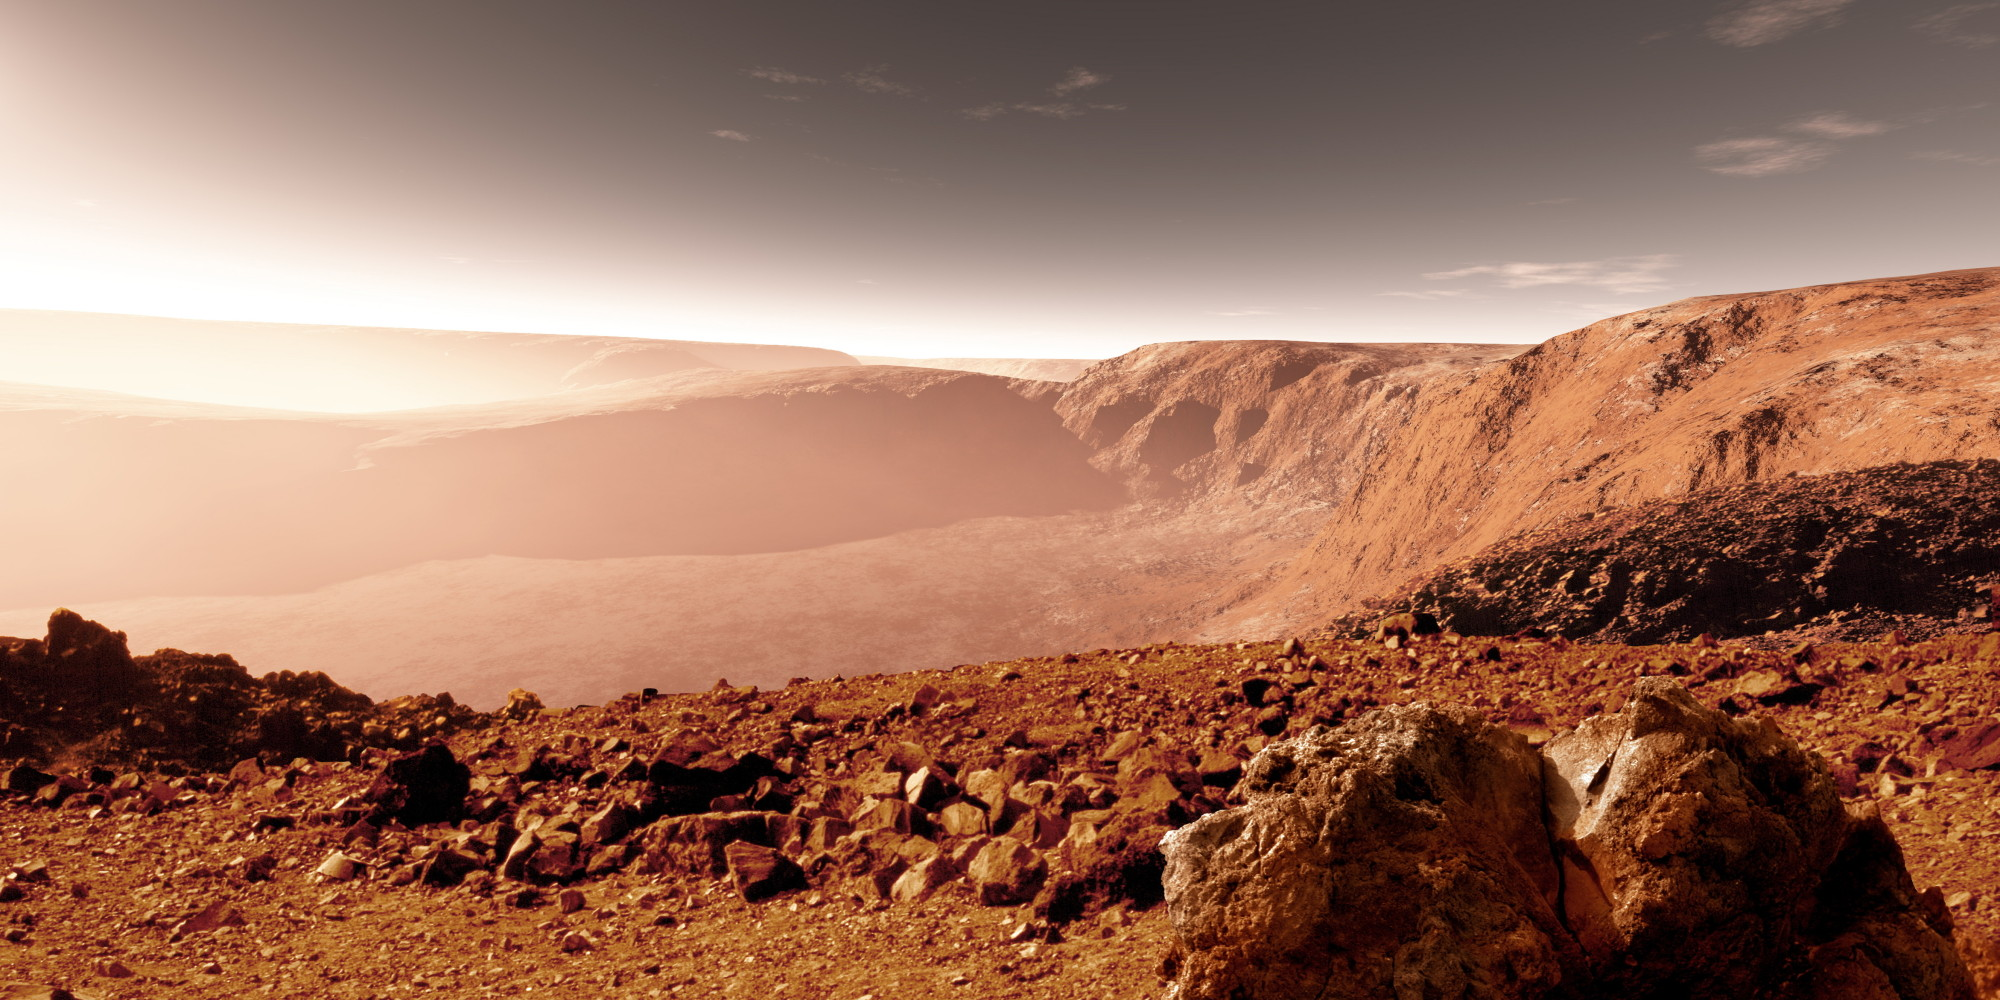 Ученые отыскали источник доисторического цунами наМарсе